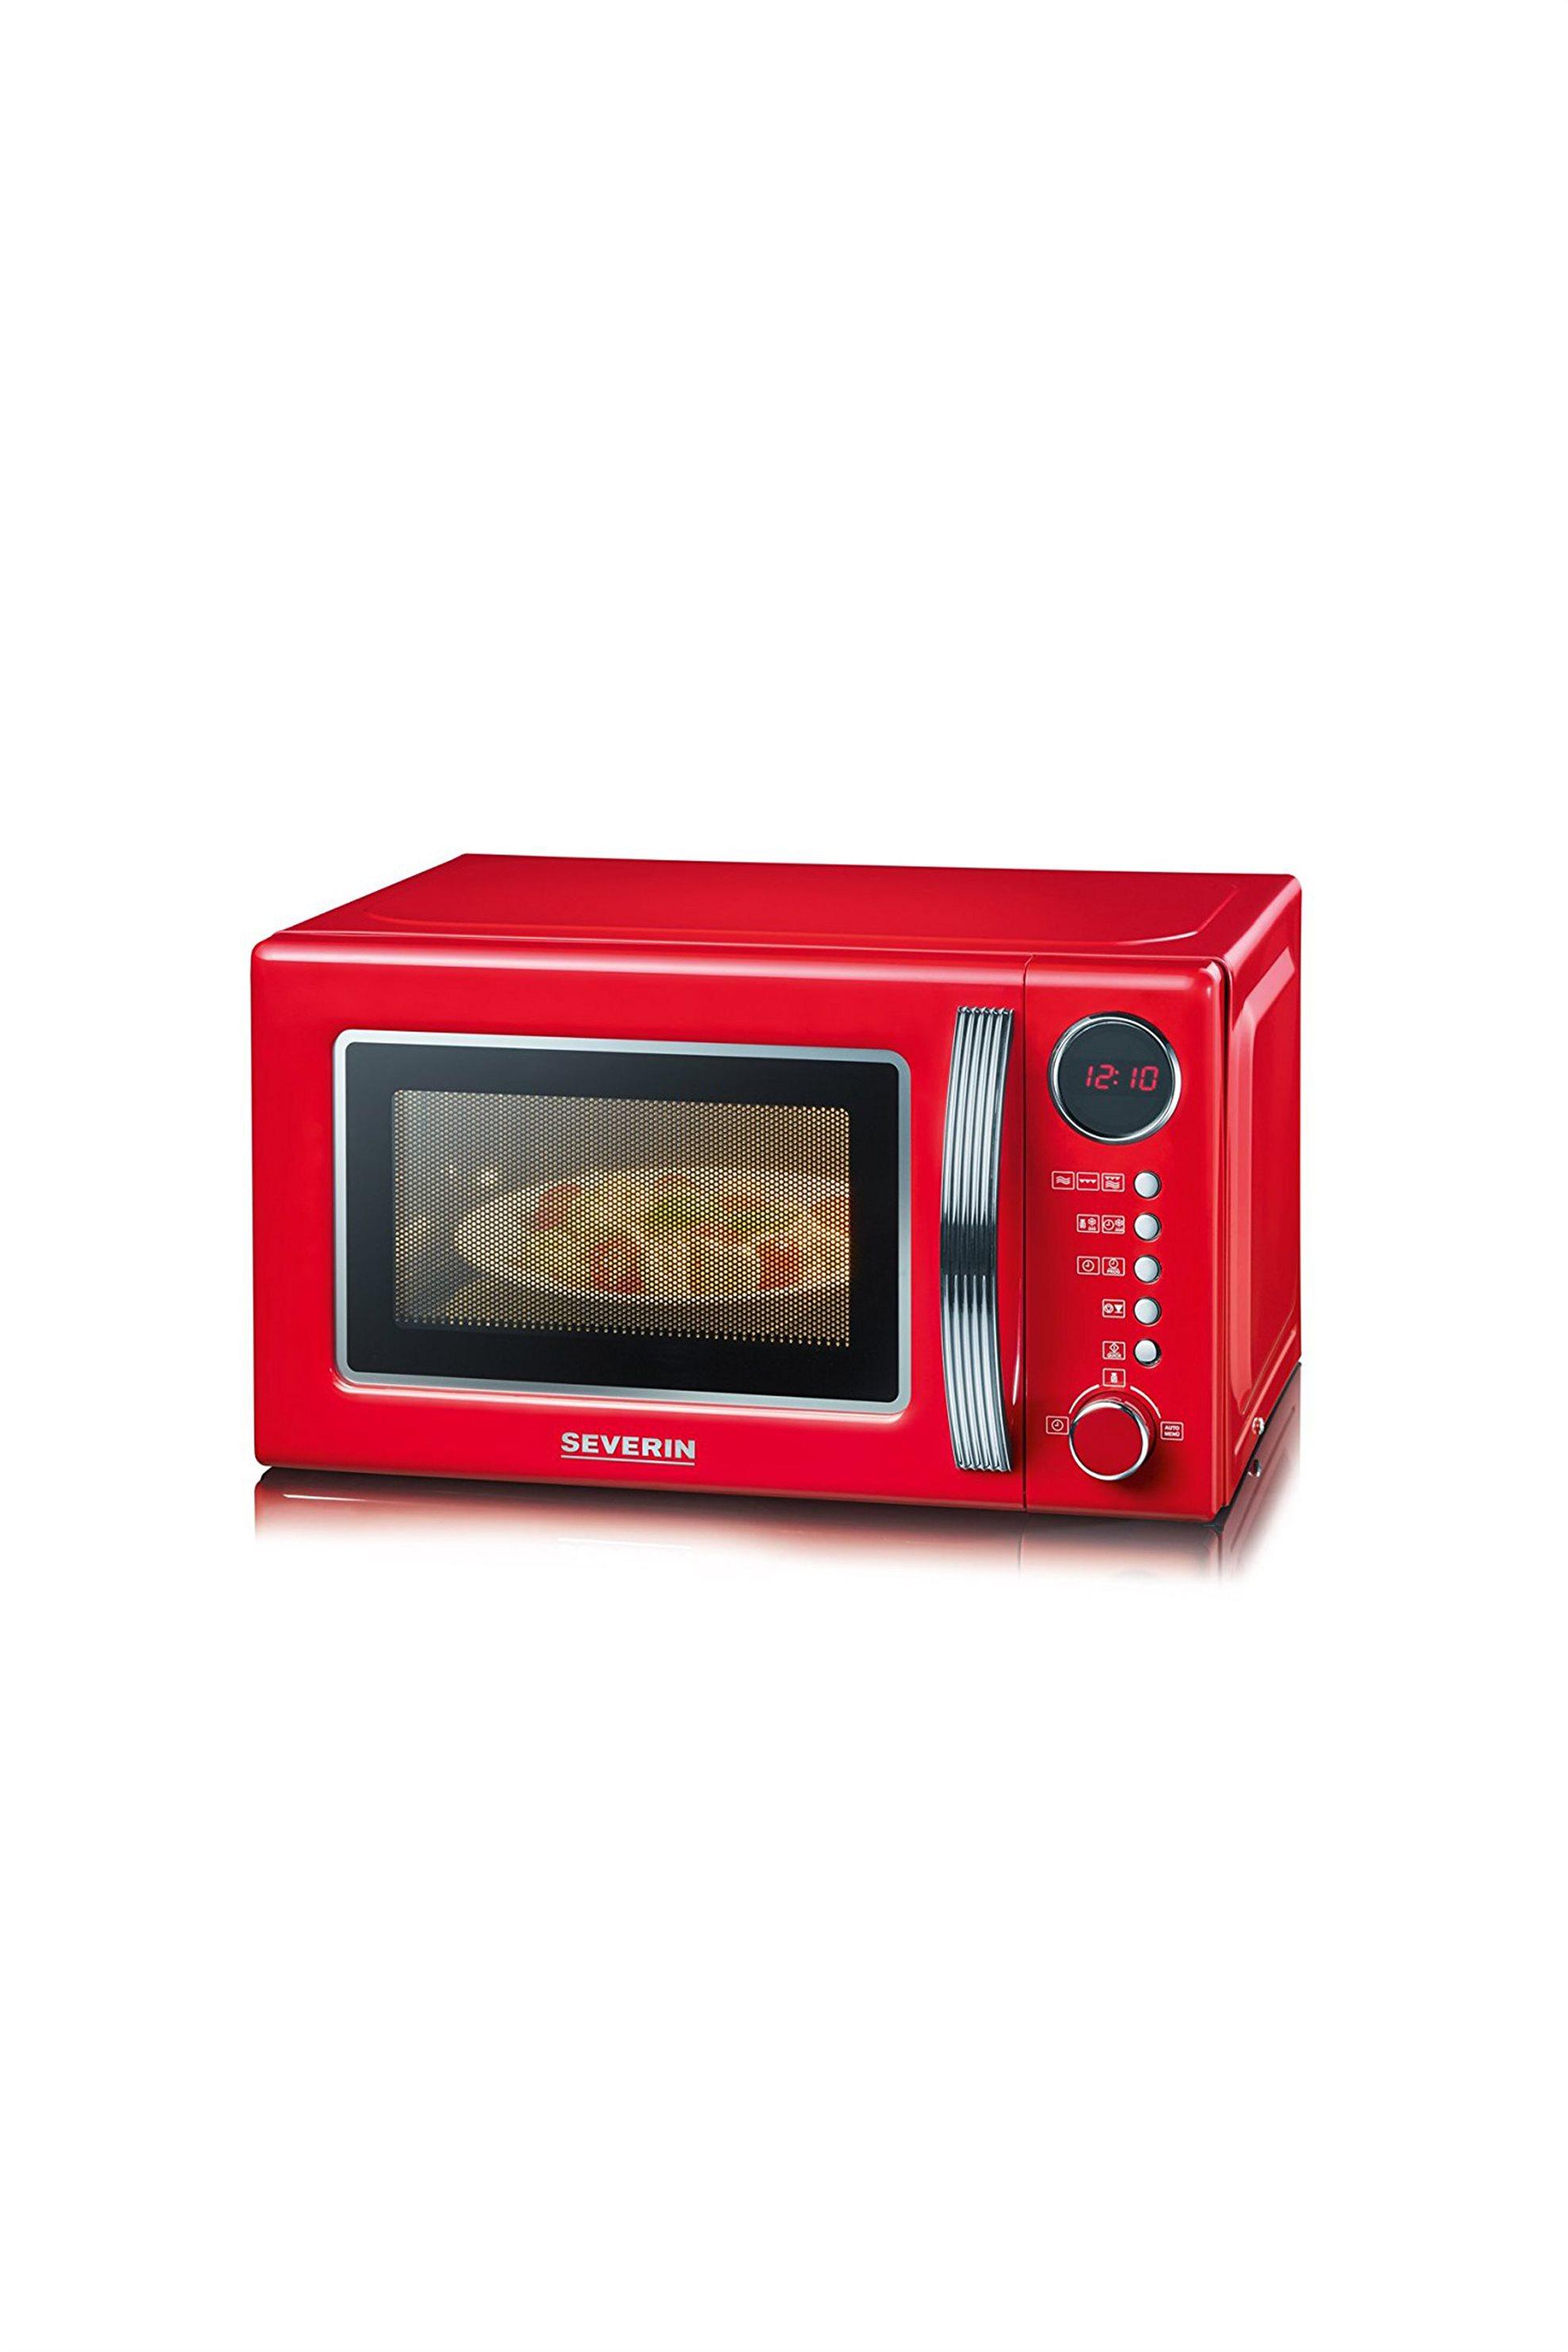 Φούρνος μικροκυμάτων Retro 20L Severin - 7893 home   μικρεσ οικιακεσ συσκευεσ   φούρνοι μικροκυμάτων